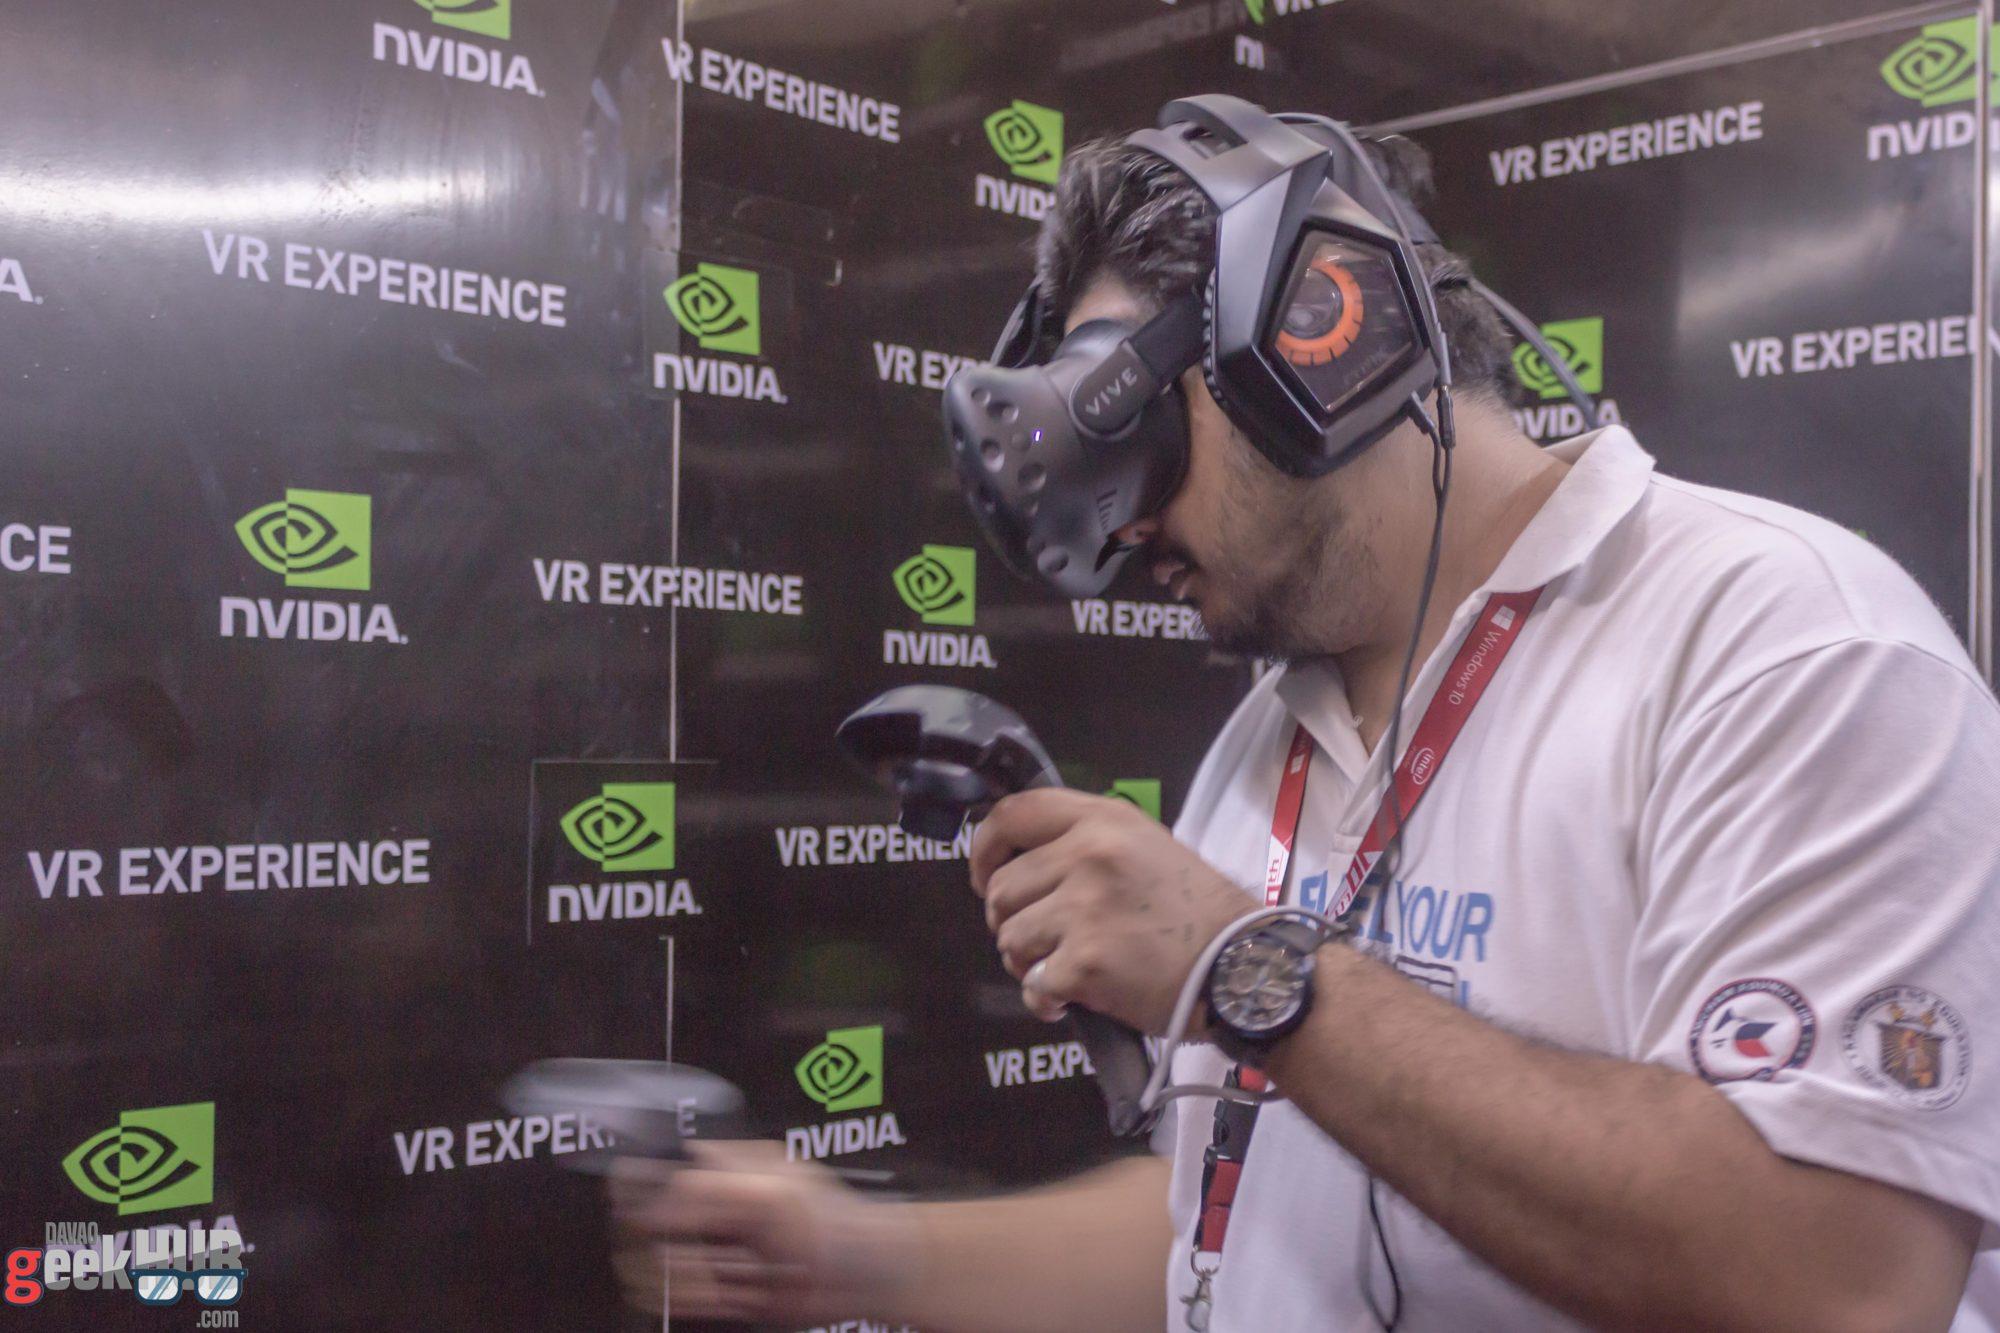 Nvidia VR Experience 1